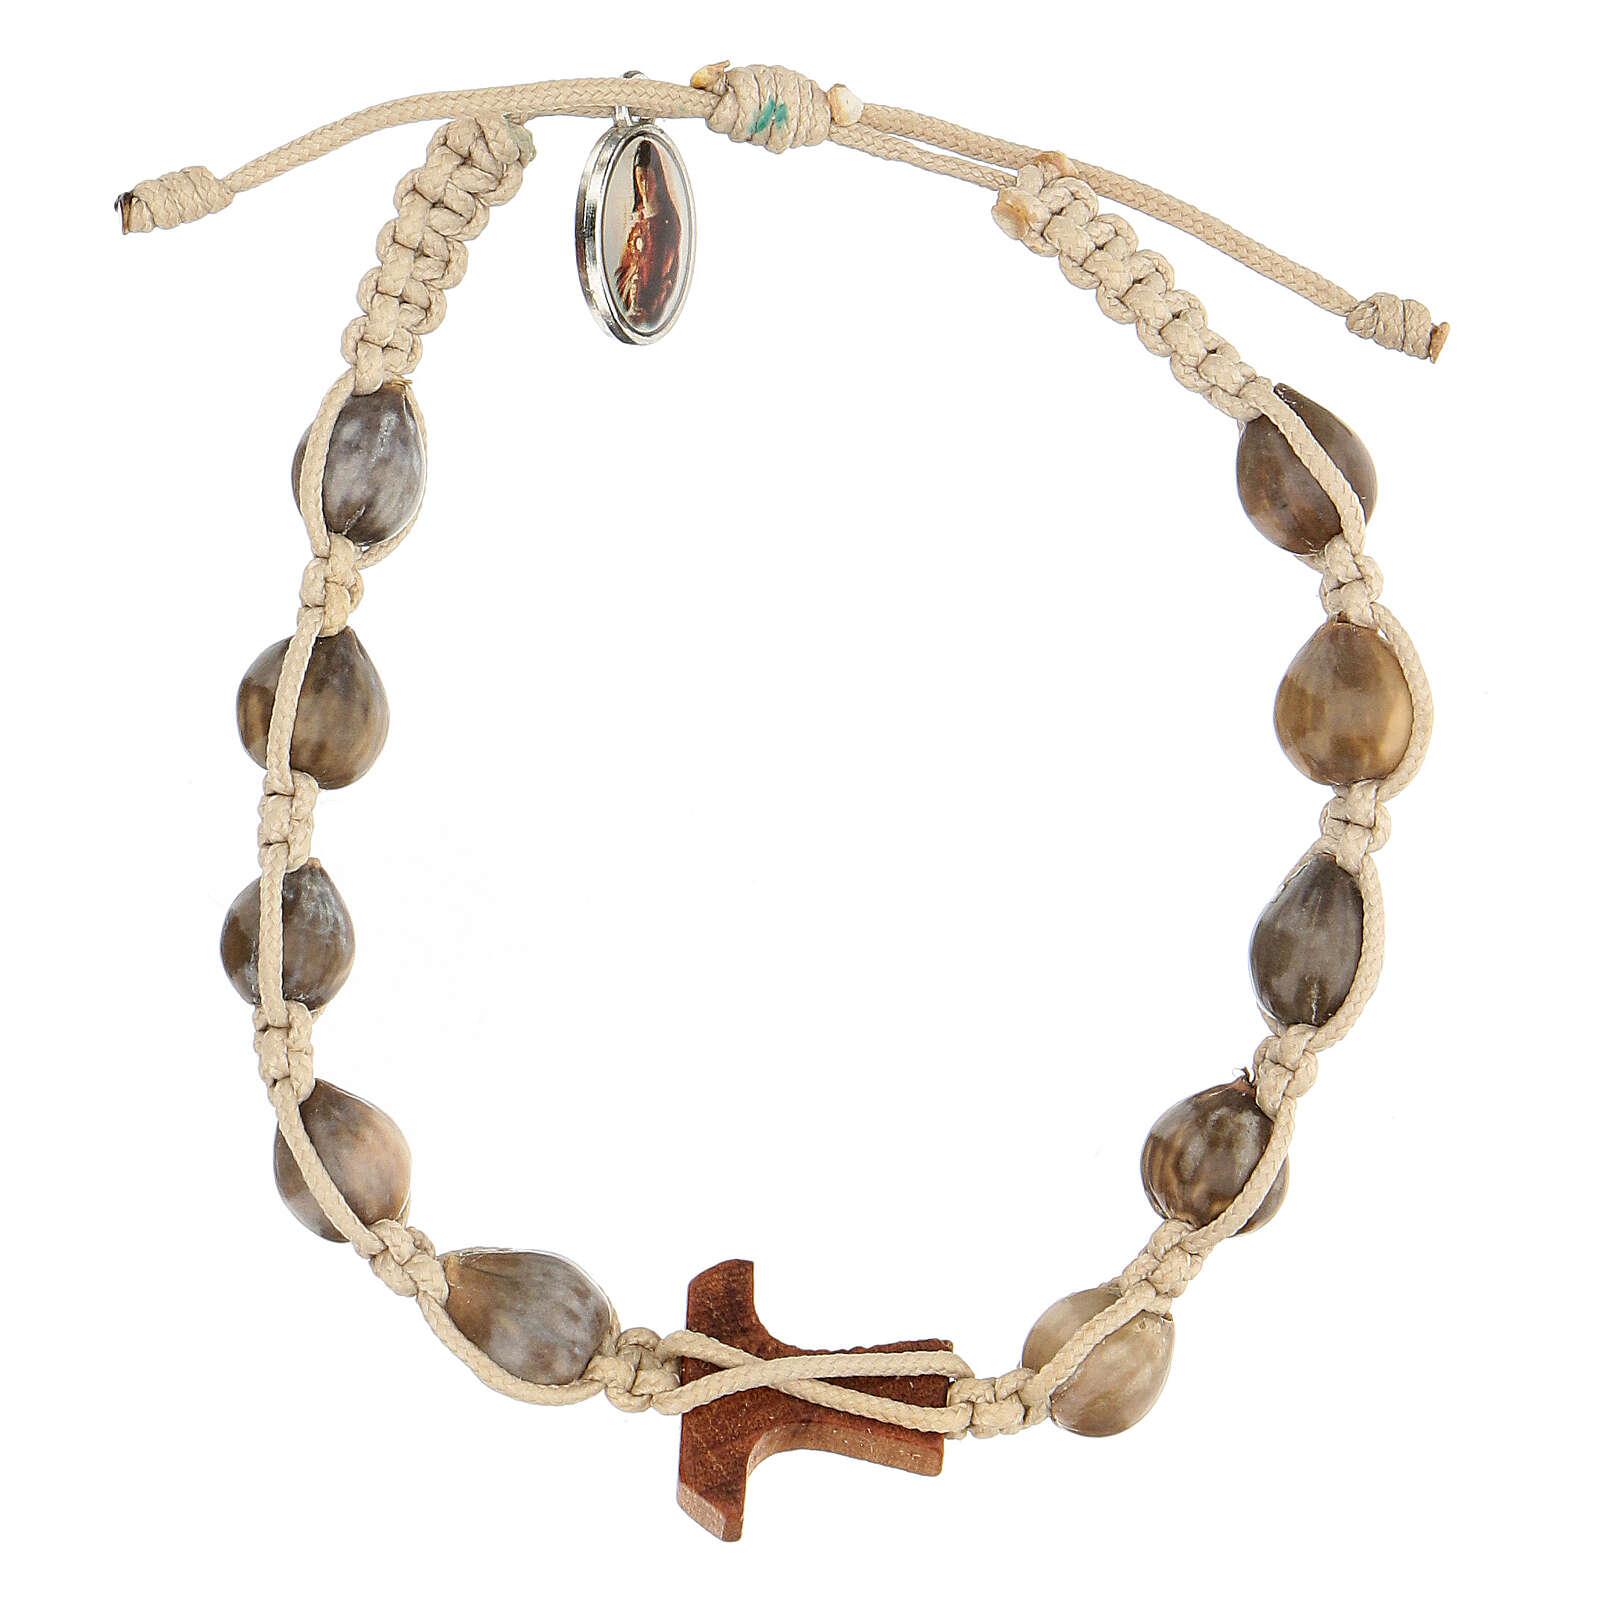 Bracelet Medjugorje Larmes-de-Job tau olivier corde beige 4